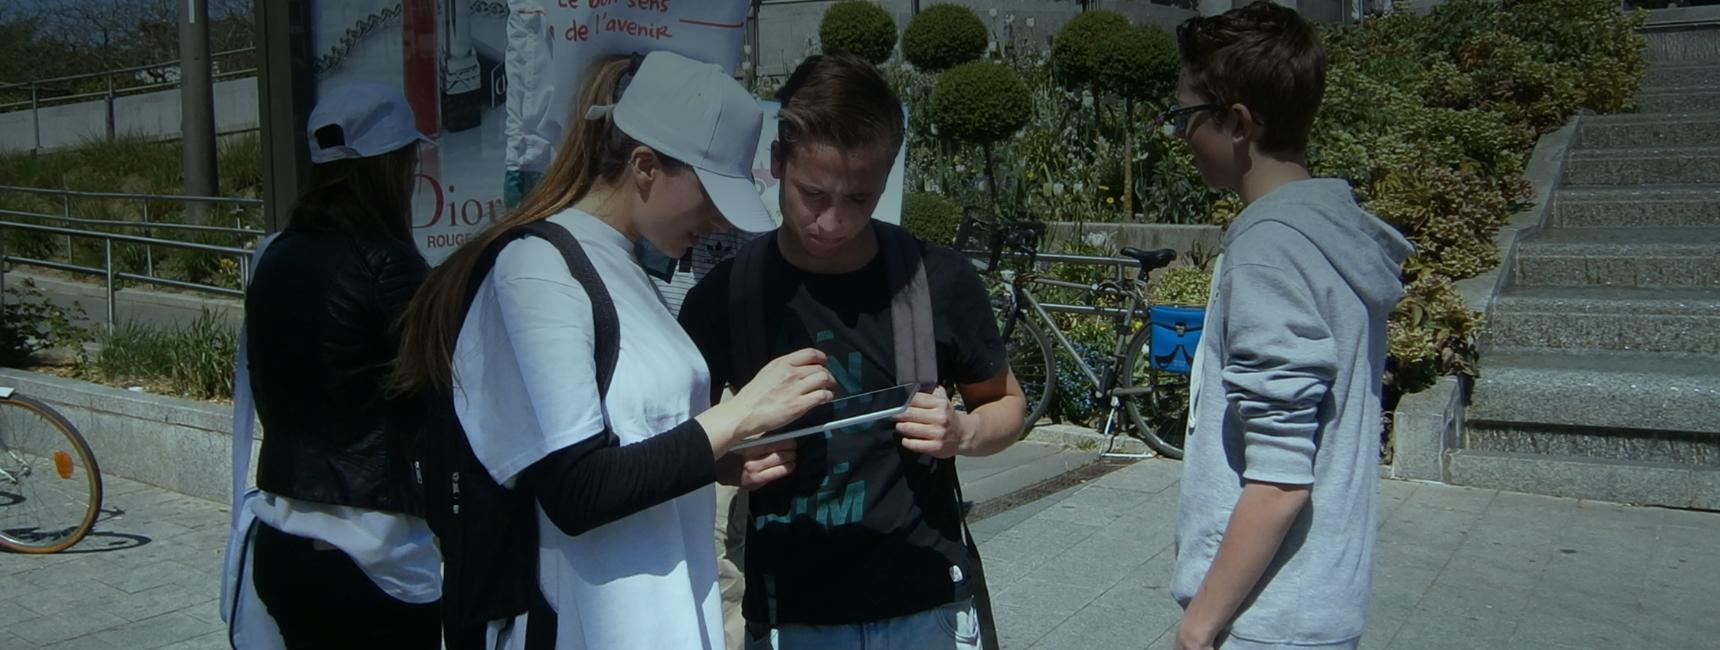 Campus Media, communiquez aupres des etudiants - Keemia Lyon Agence marketing local en région Rhône-Alpes